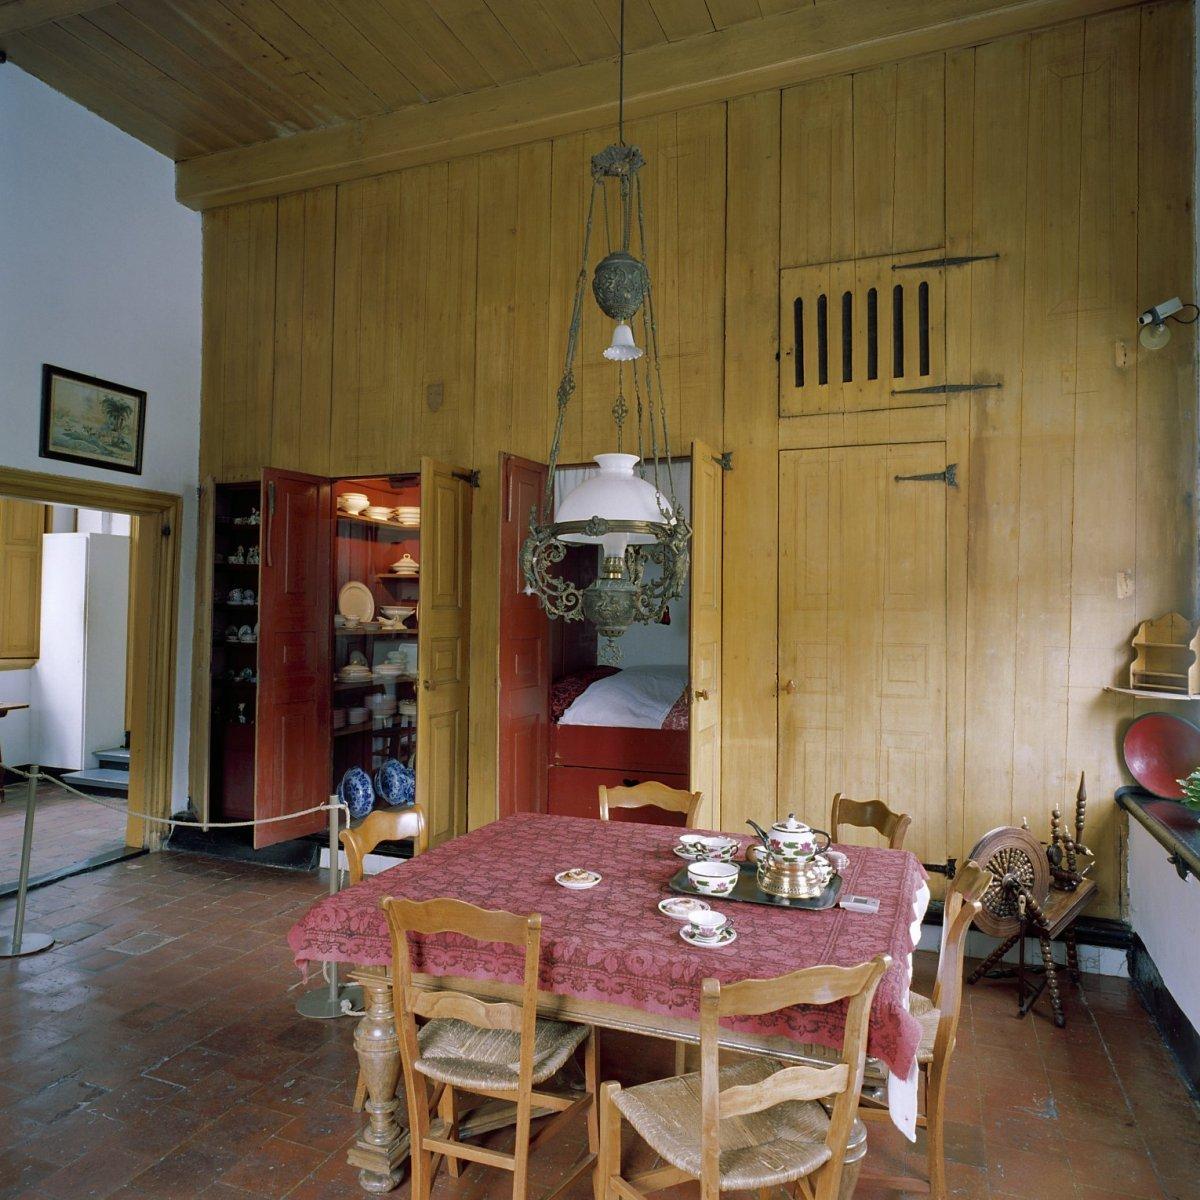 fileinterieur gedeelte keuken met muurkast in geopende toestand leens 20373174